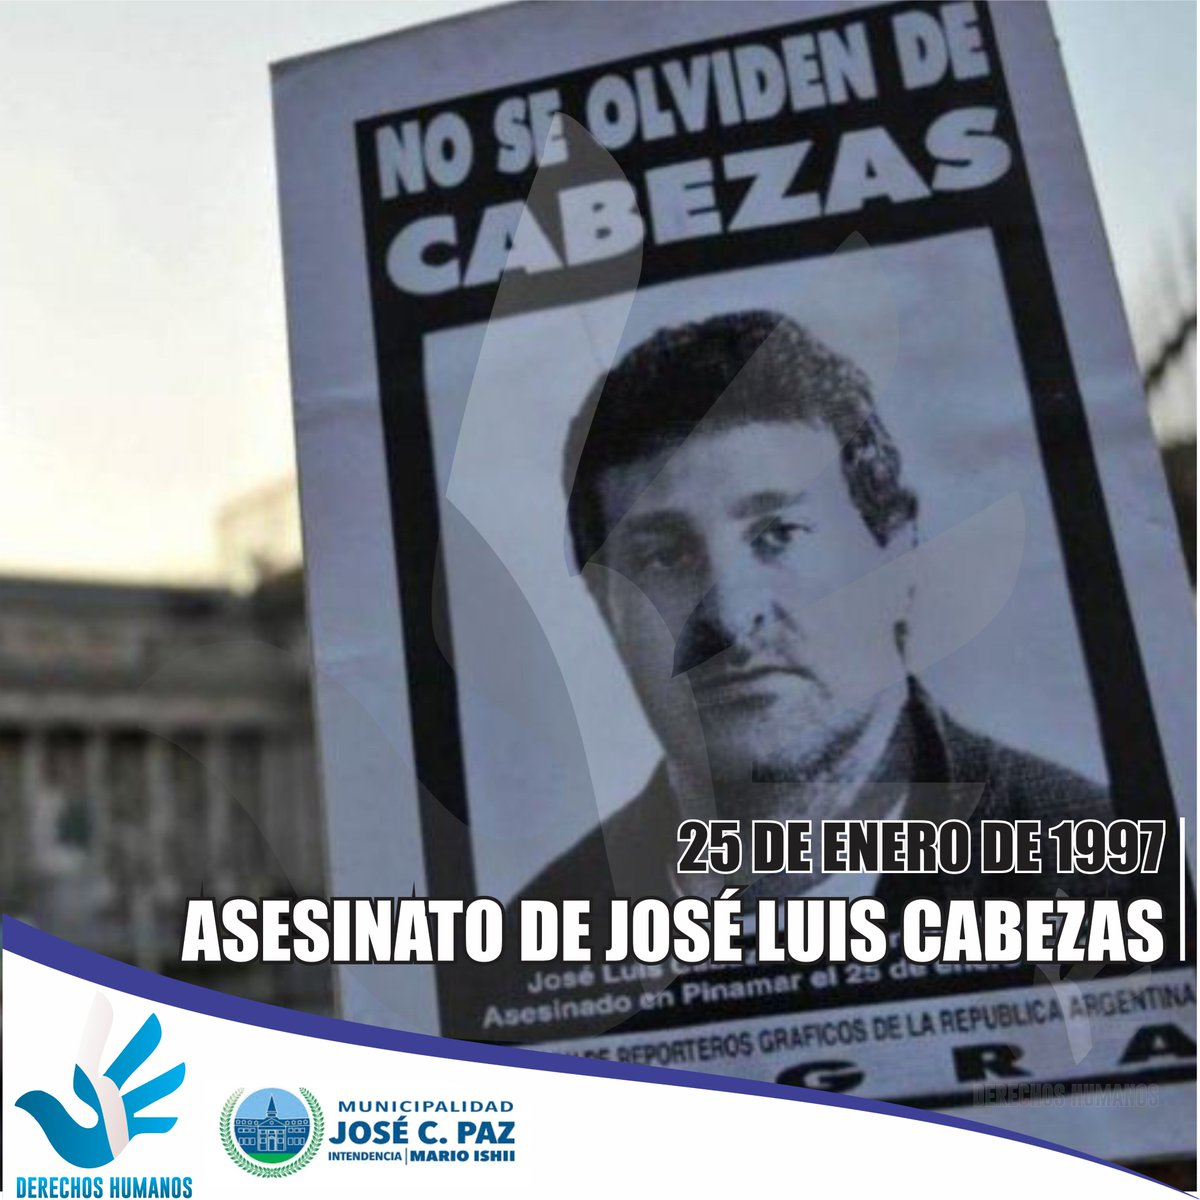 El 25 de enero de 1997, José Luis Cabezas era secuestrado y asesinado por una banda conformada por agentes de la policía bonaerense en la ciudad balnearia de Pinamar, cuando realizaba la cobertura periodística de la temporada de verano para la revista Noticias. #ddhh